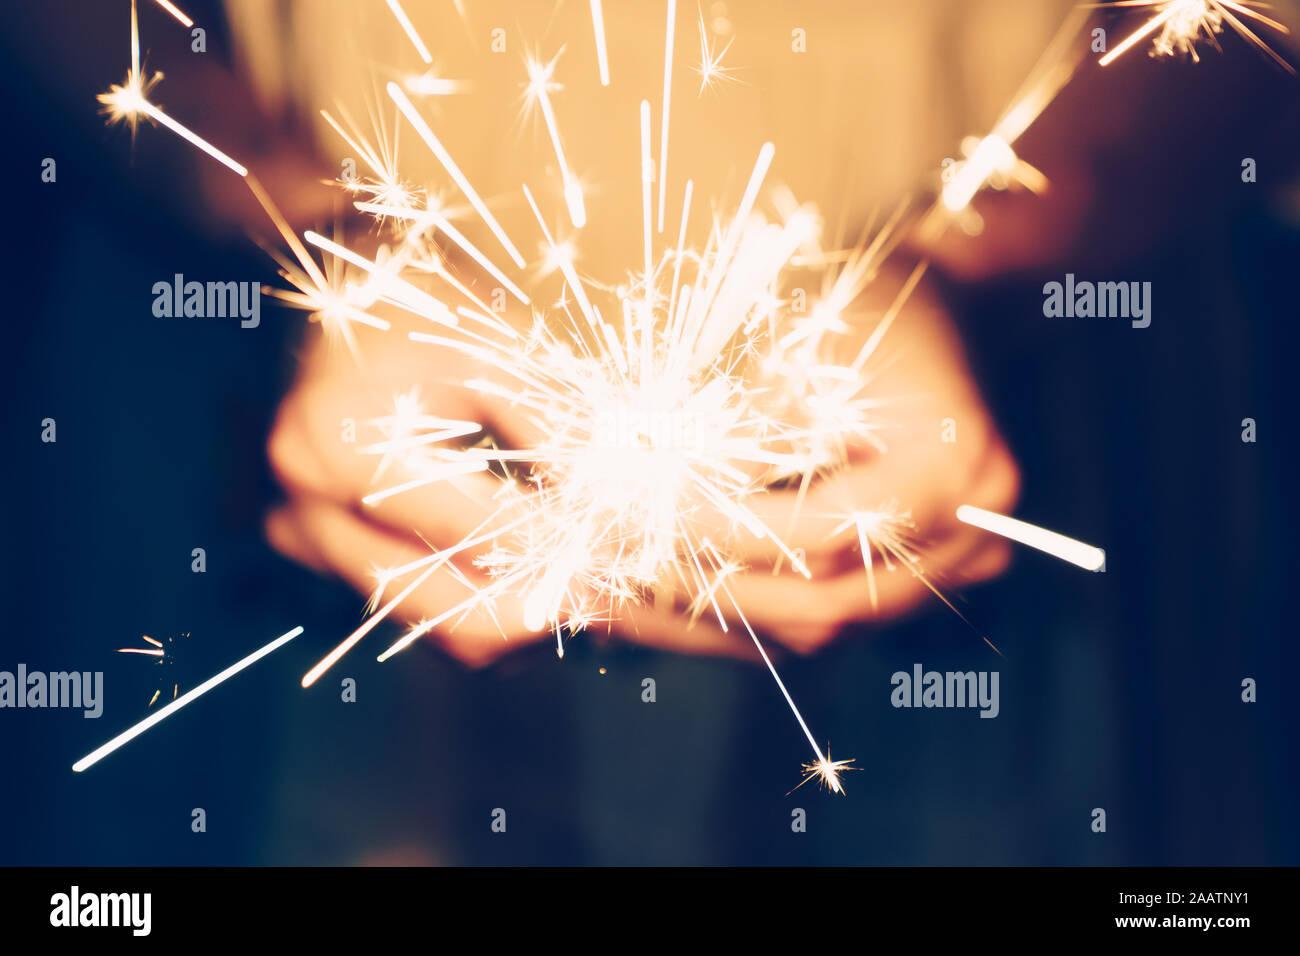 Cerrar la mano mujer sosteniendo estrellitas en Night party y fiesta de Navidad. Foto de stock